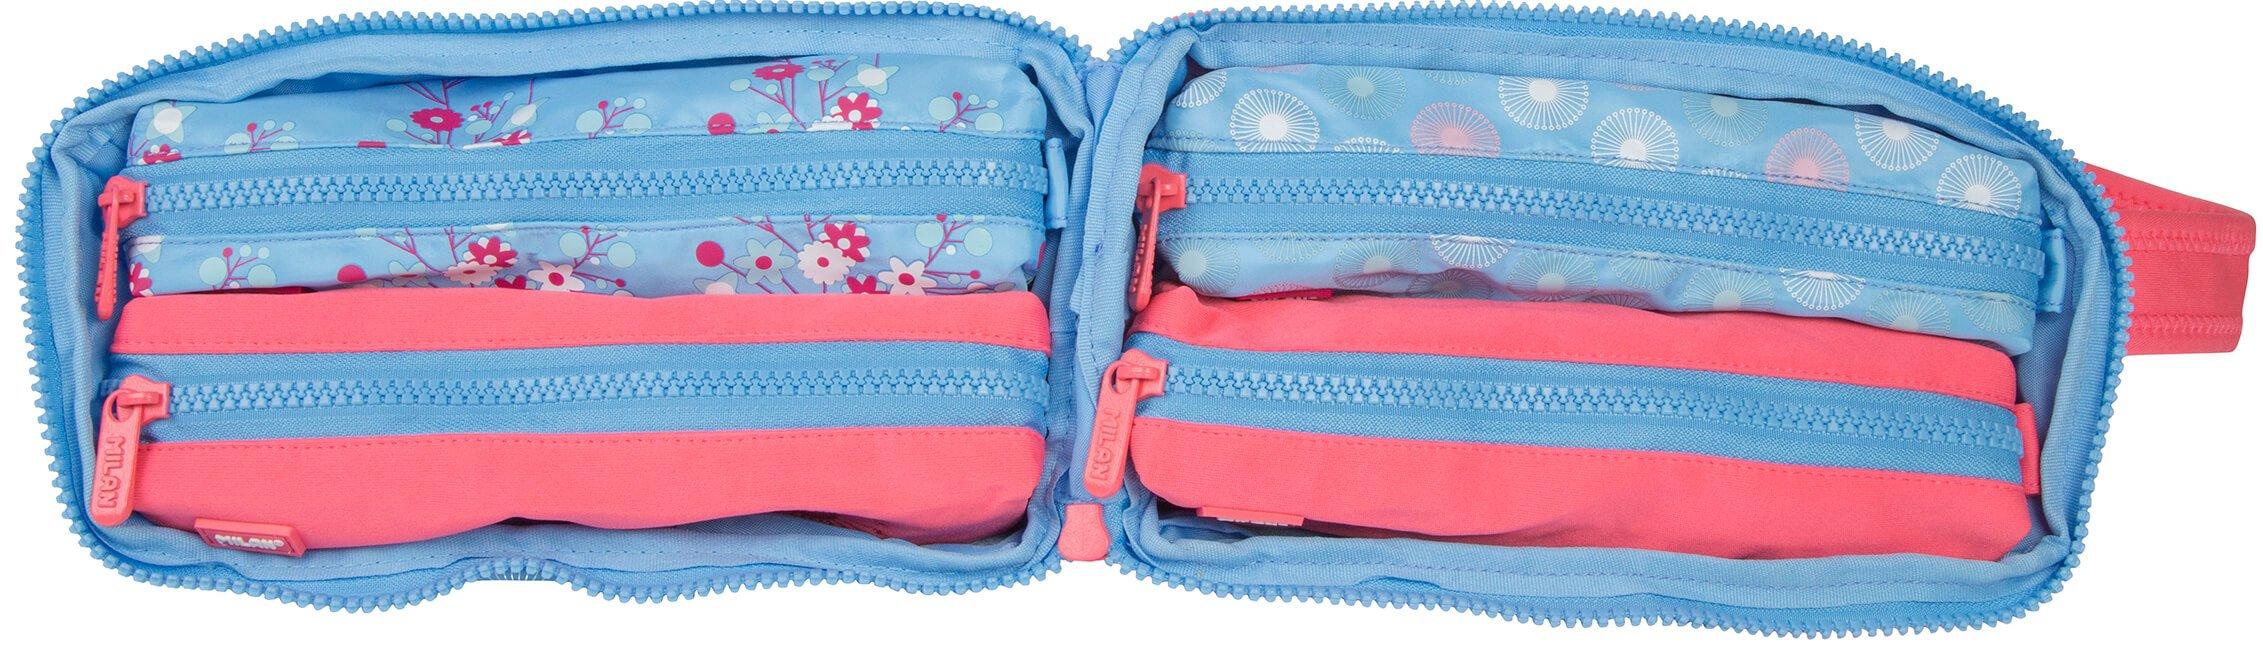 Milan Blossom - Estuche con 4 compartimentos y material escolar, para 31 unidades: Amazon.es: Oficina y papelería